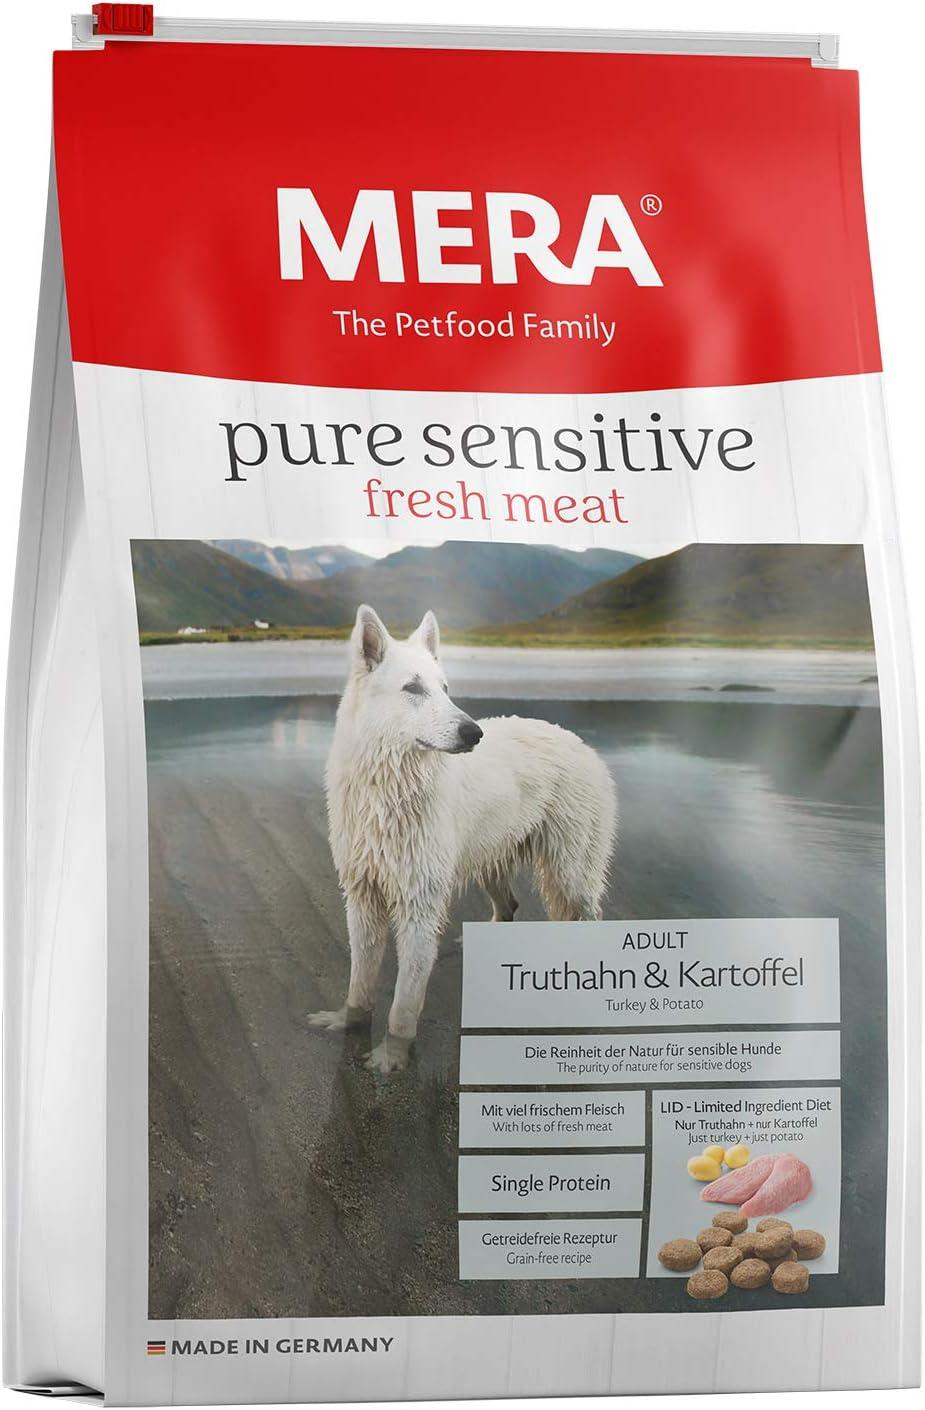 MERA Pienso para Perros Pure Sensitive Fresh Me, Pavo y Patatas, Comida Seca para Perros con una fórmula sin Cereales y 25% de Carne Fresca